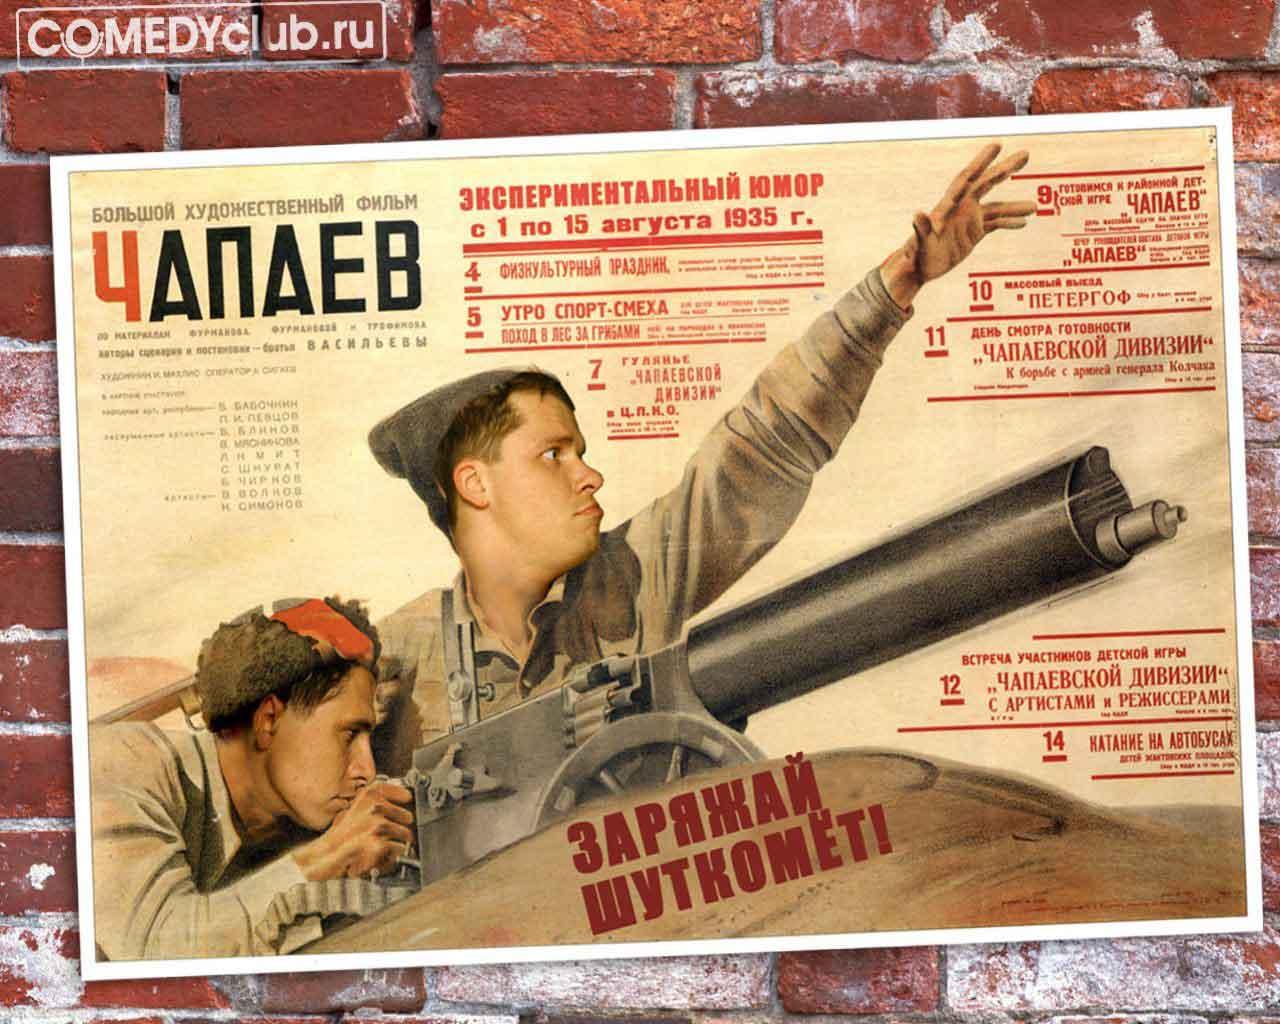 бенефис харламова и батрутдинова смотреть онлайн: